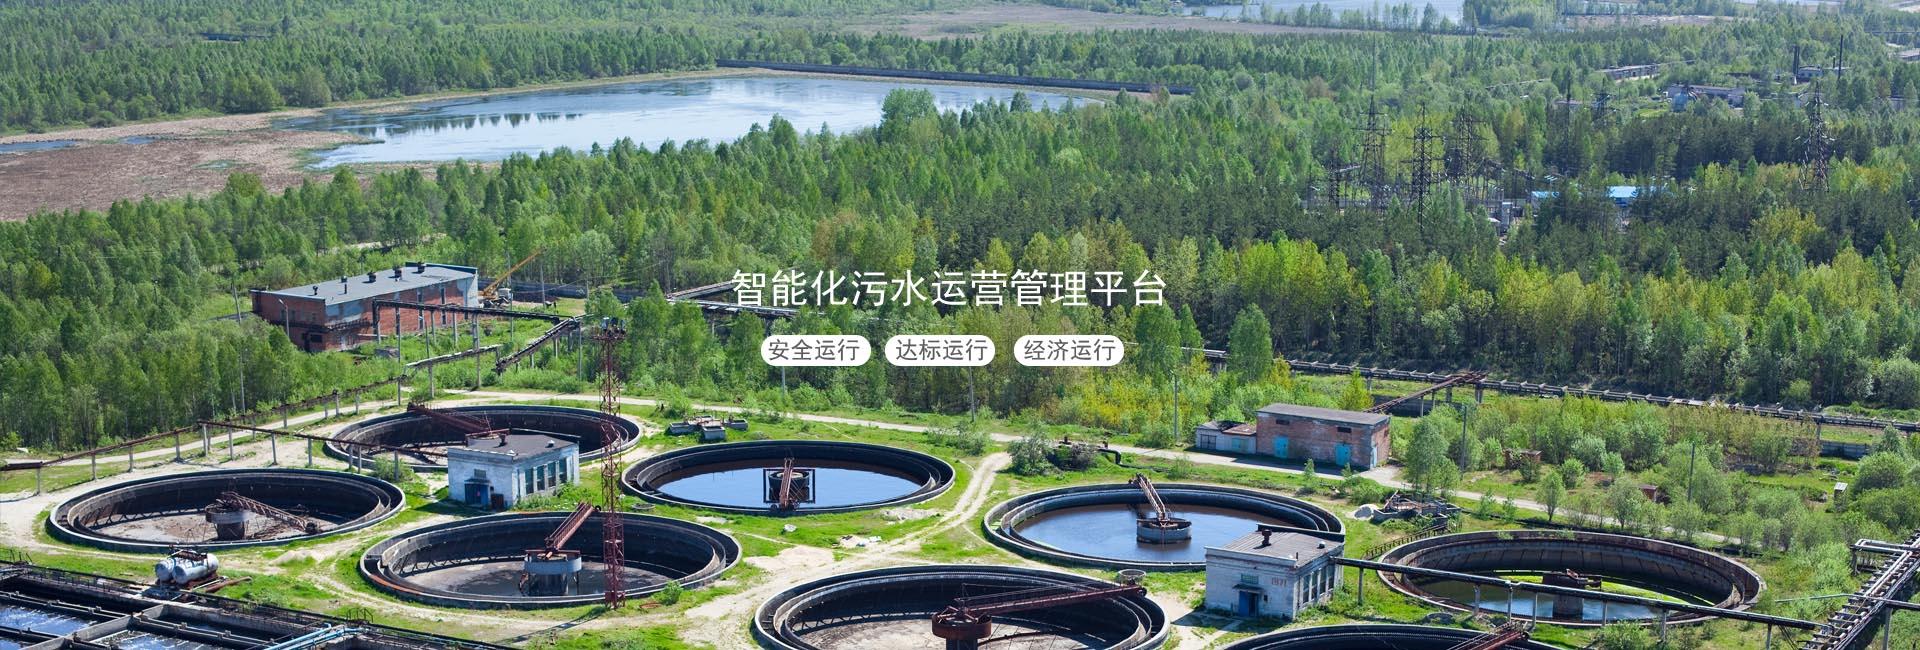 智慧污水管理平台